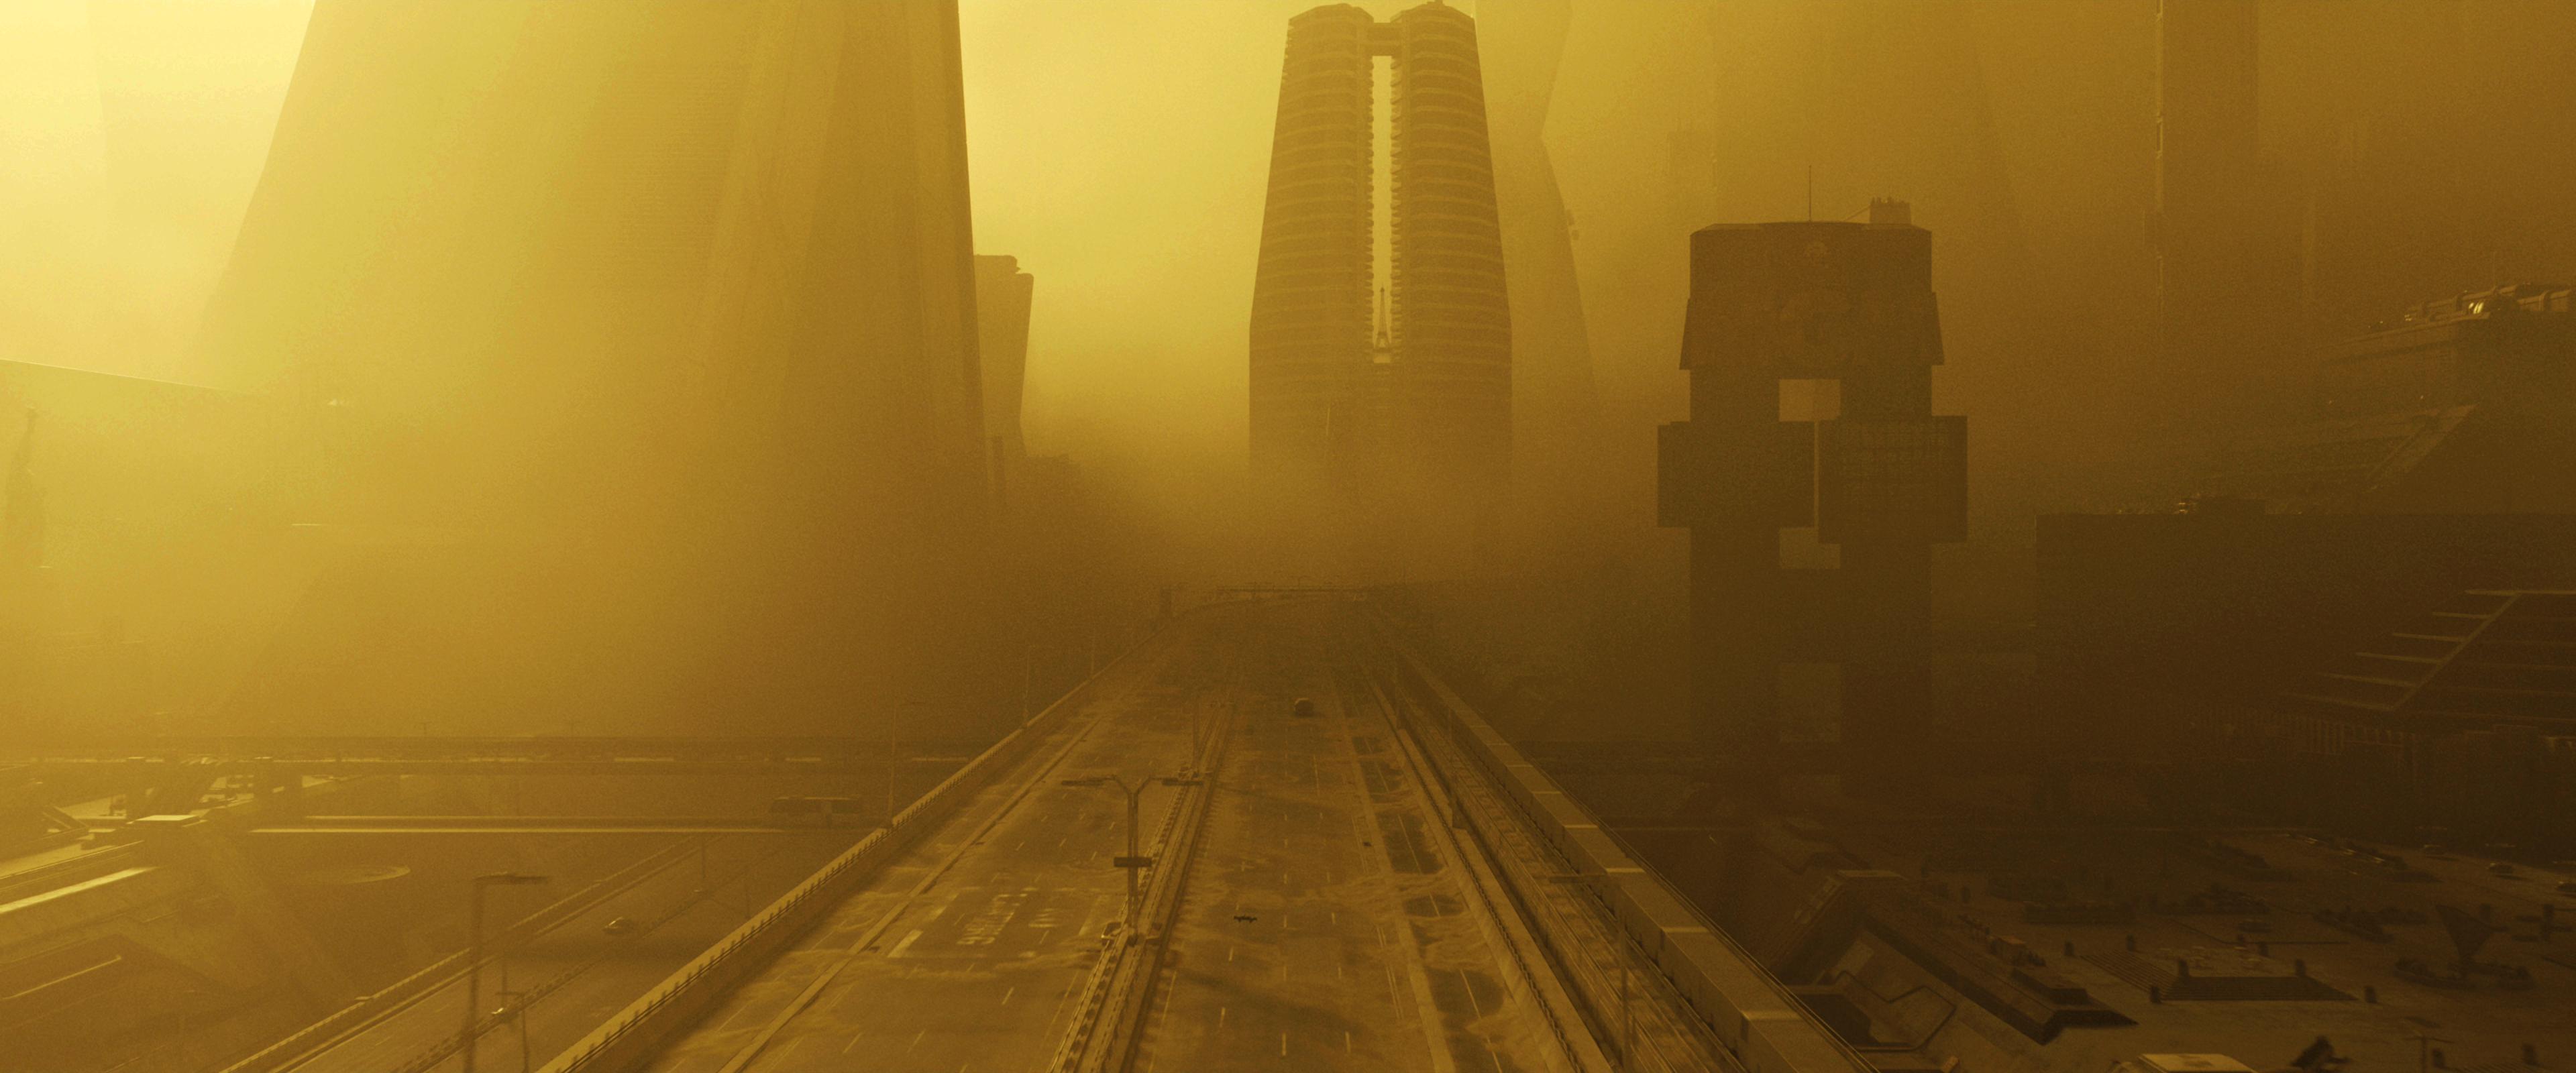 Wallpaper Bladerunner Blade Runner 2049 Cyberpunk Movies